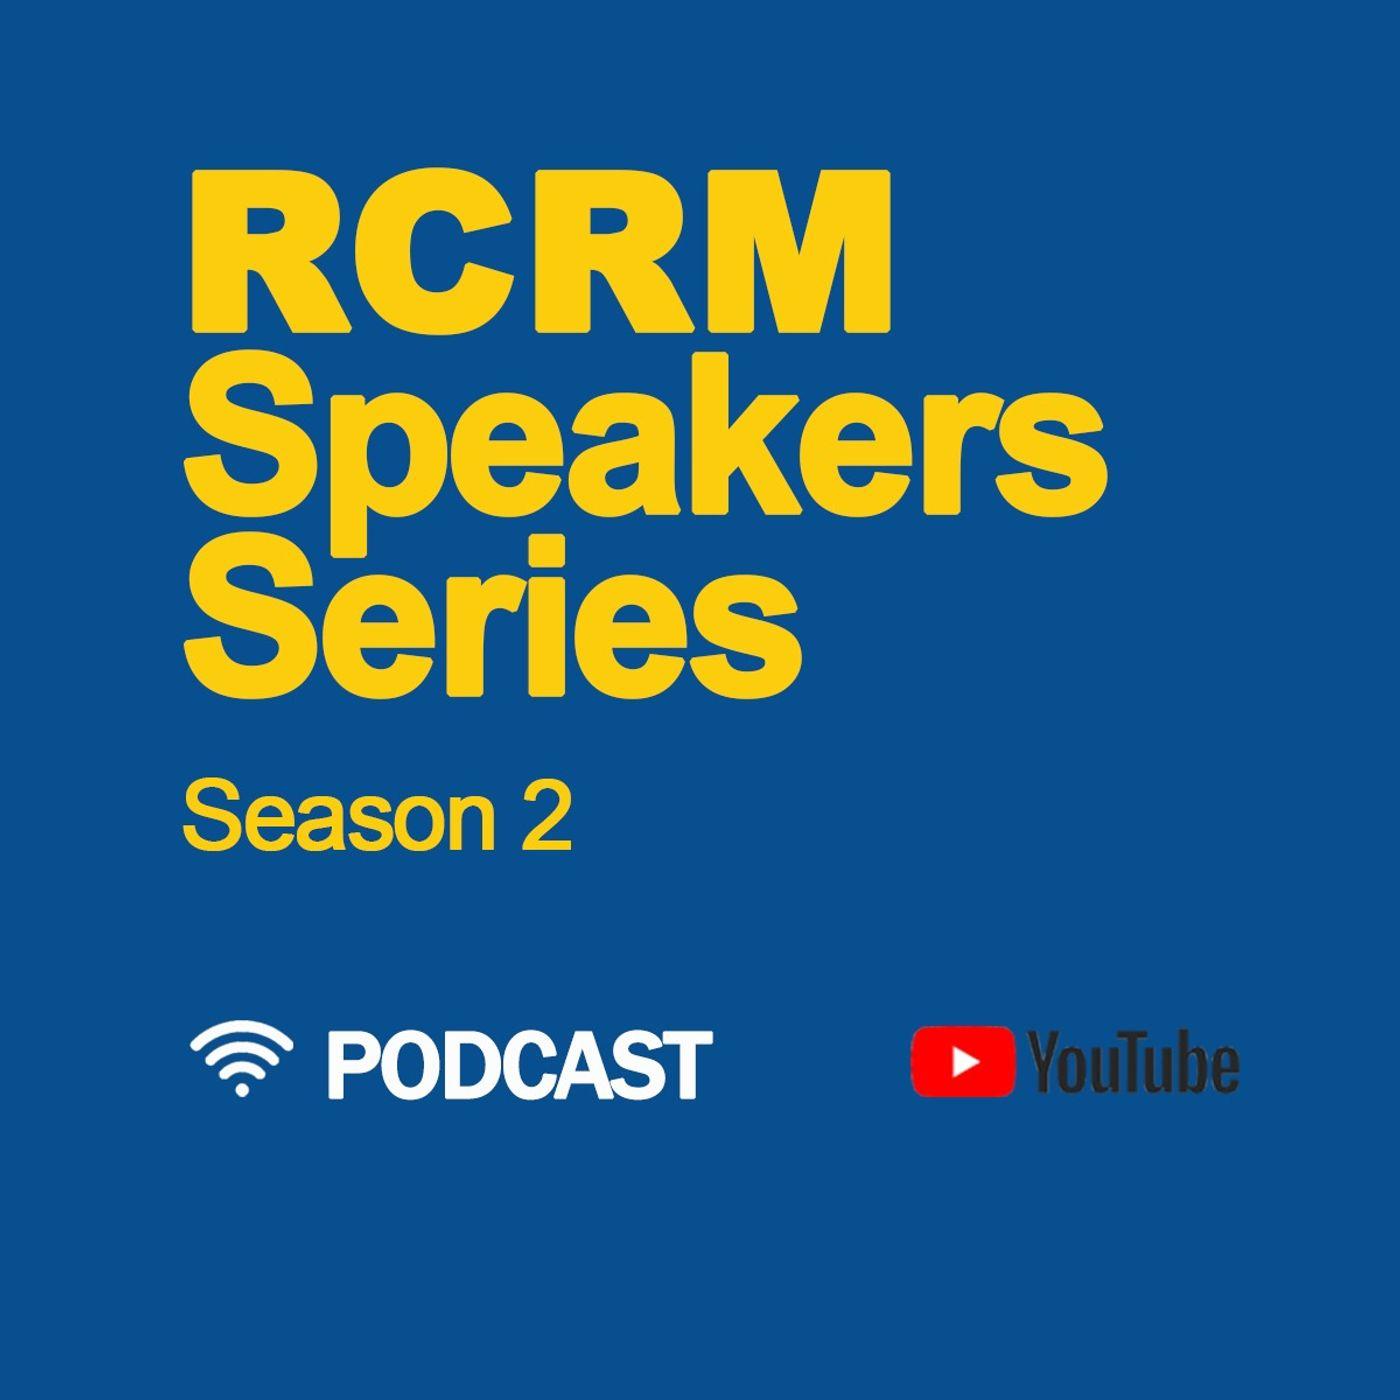 RCRM Speakers Series - Season 2